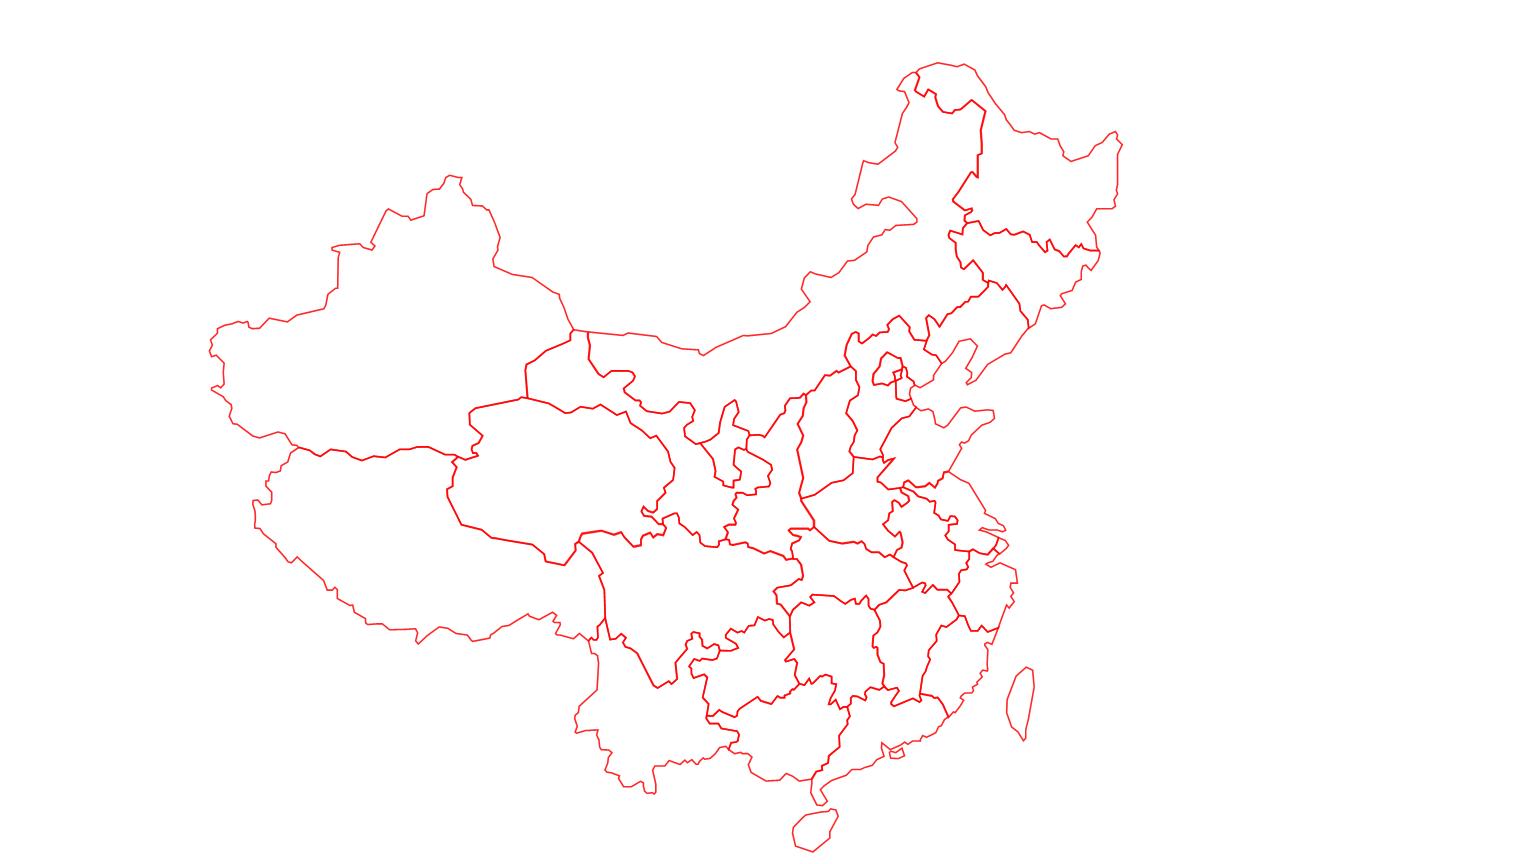 中国地图动画版主图及附图.pptx